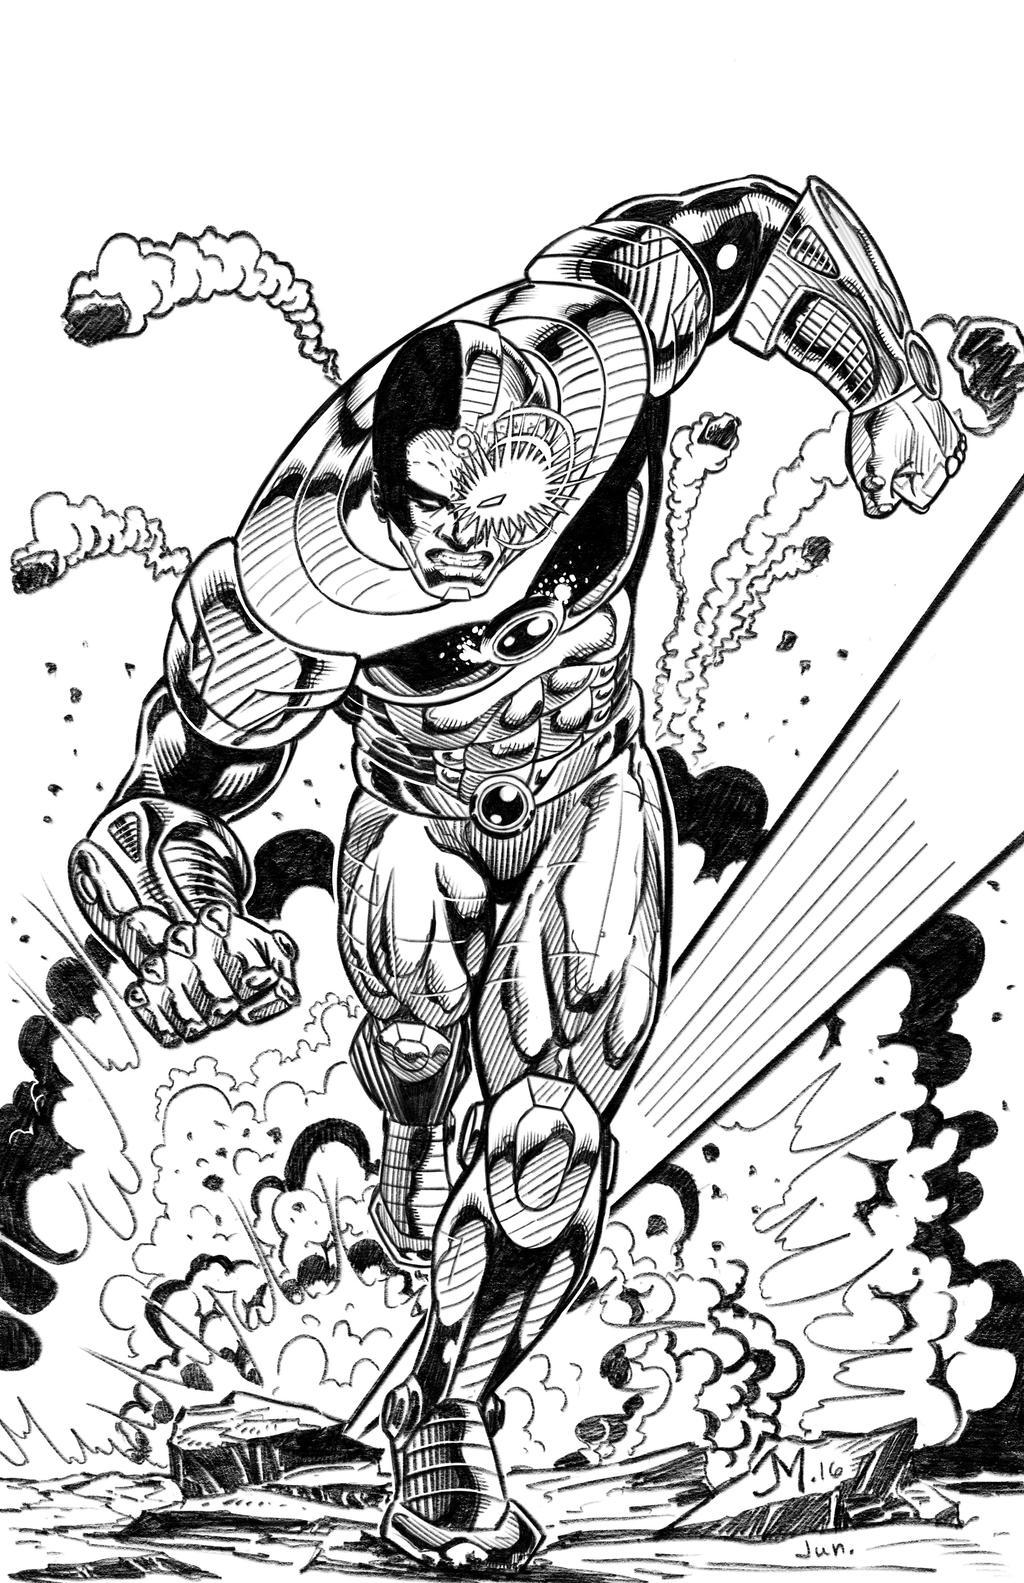 Cyborg by artistjoshmills